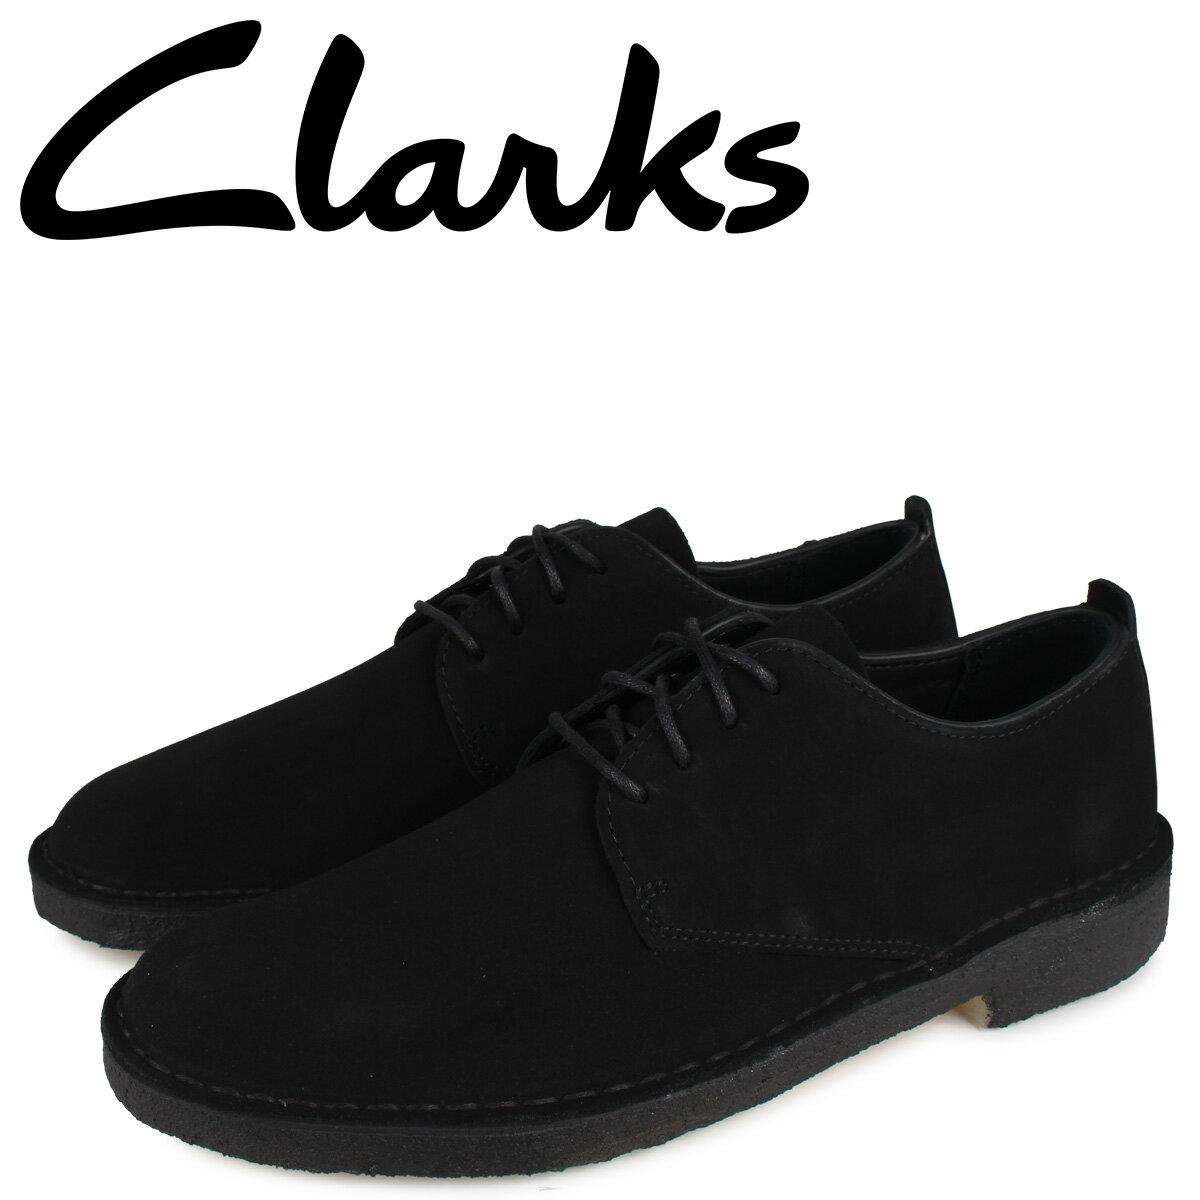 クラークス CLARKS デザート ロンドン シューズ メンズ DESERT LONDON ブラック 黒 26107883 [10月 新入荷]